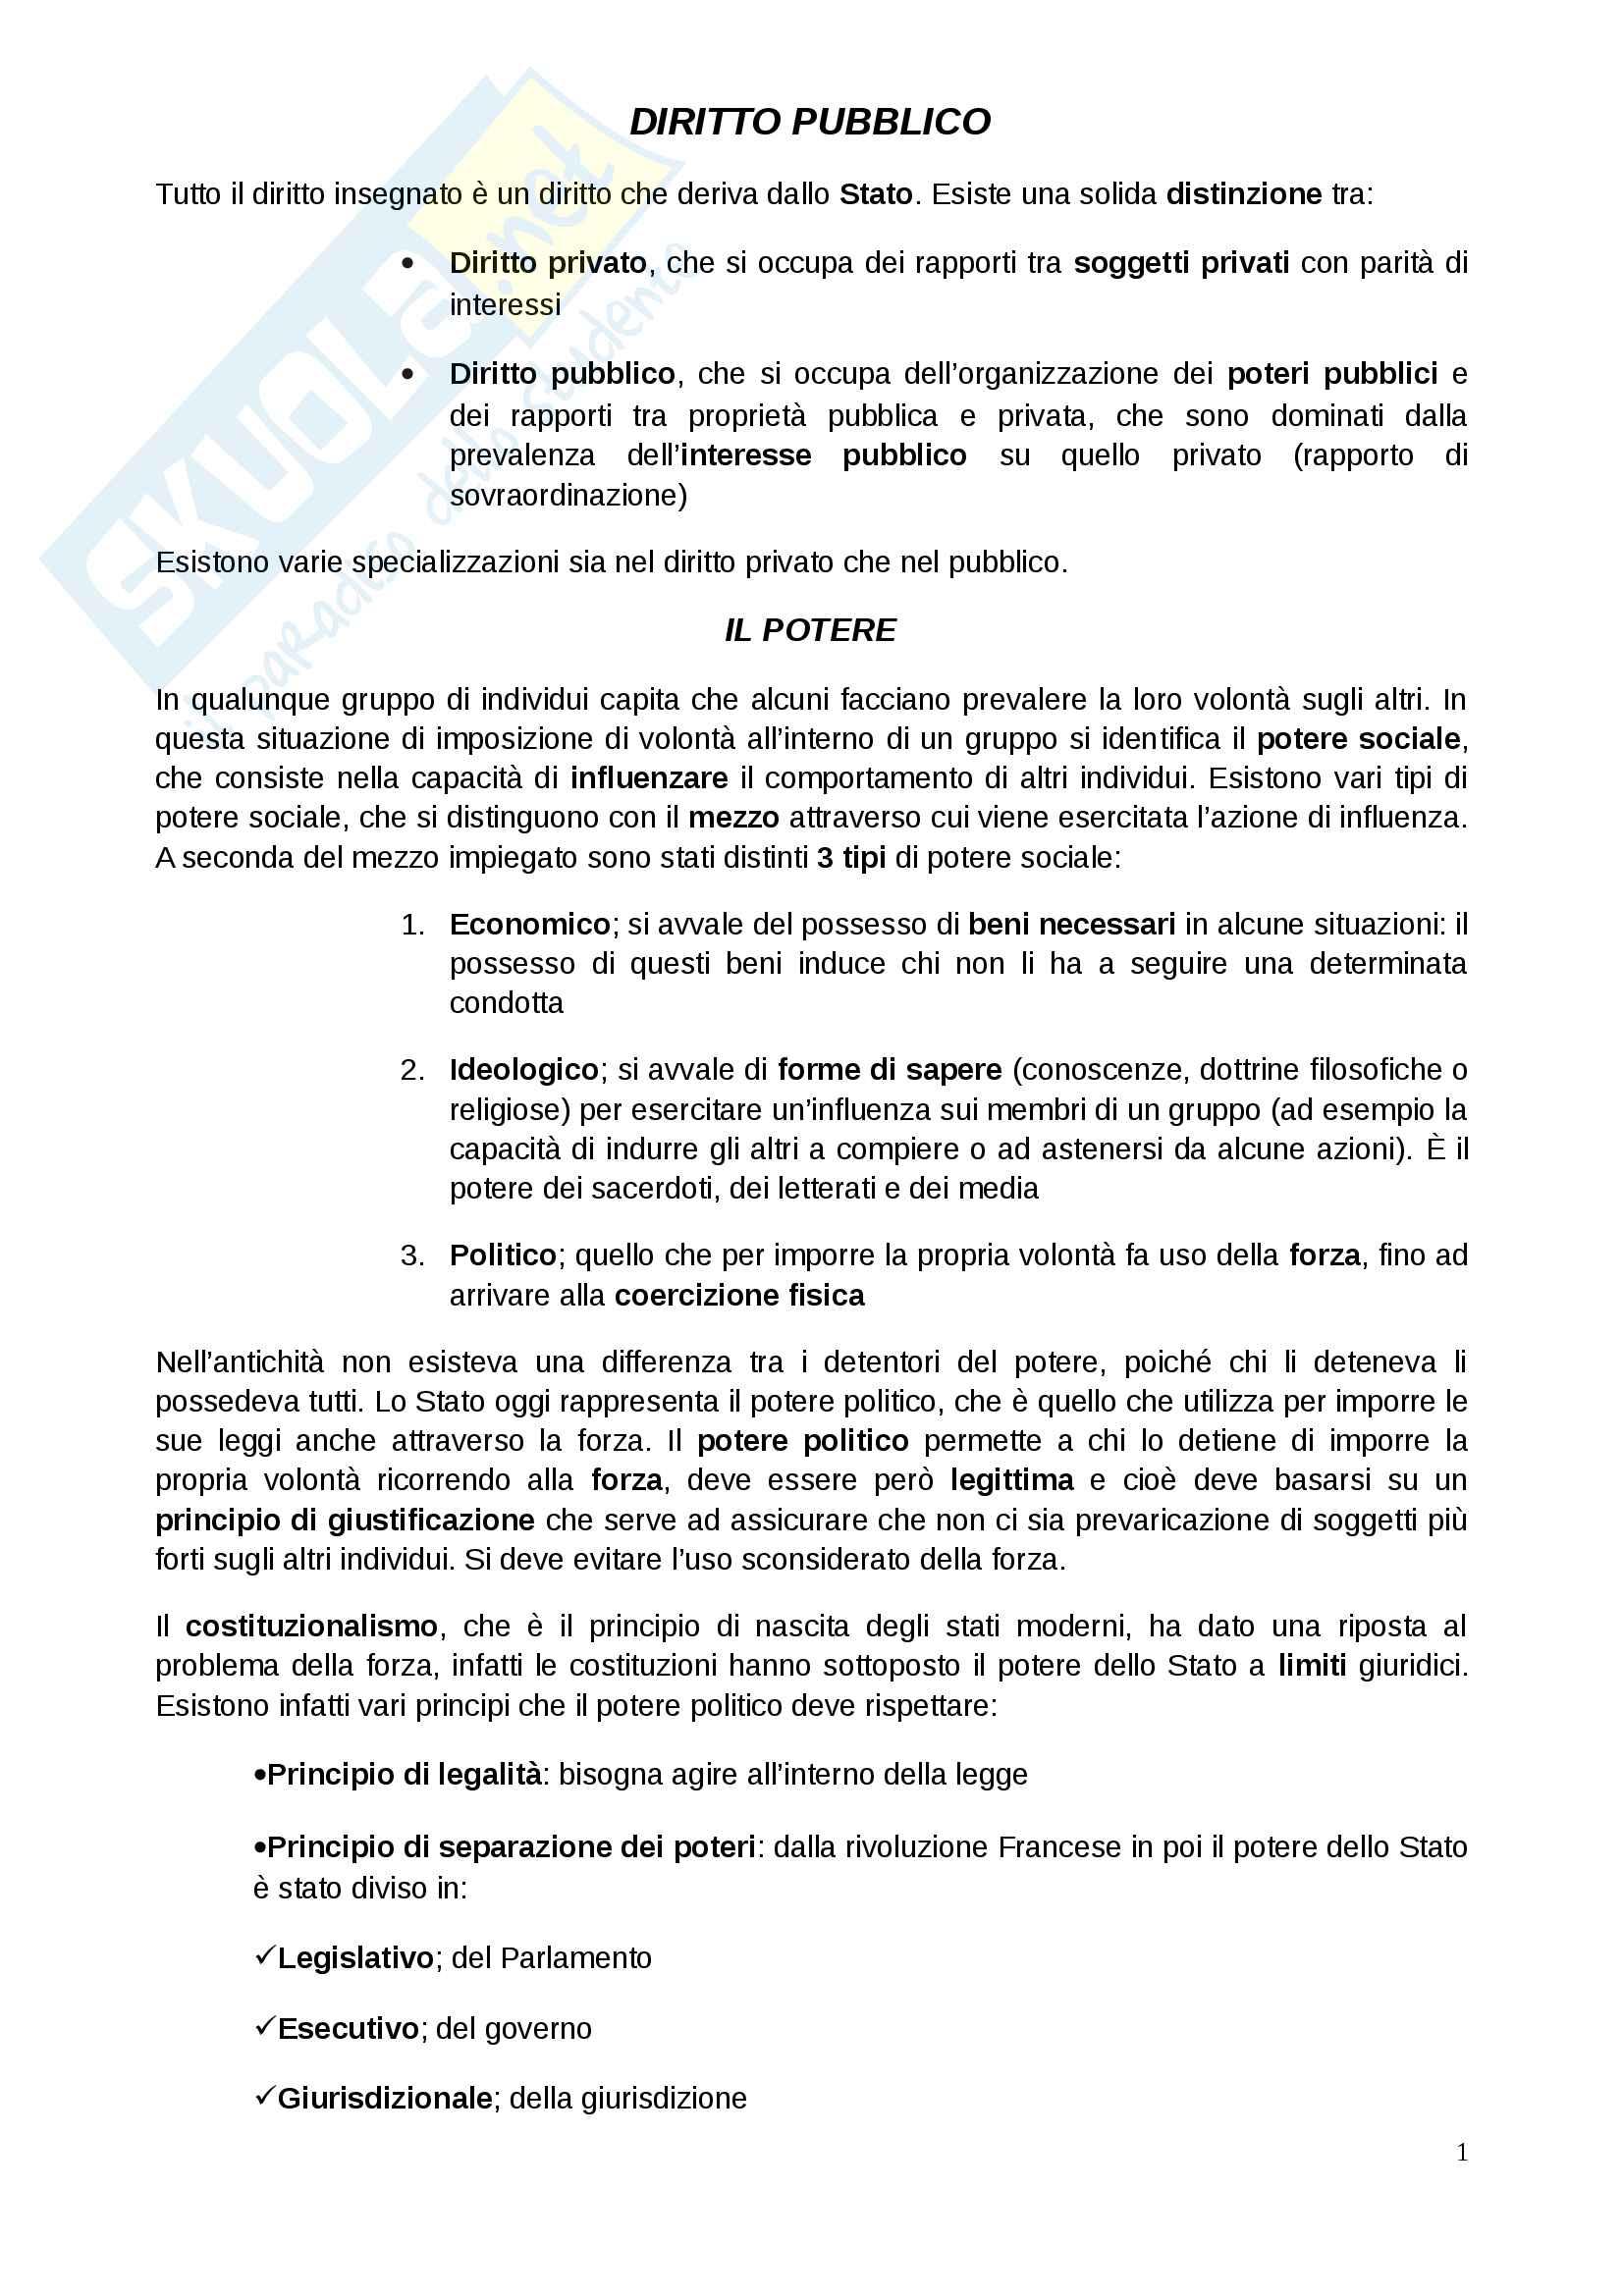 Diritto pubblico, prof. Golino (elementi costitutivi dello Stato, forme di Stato, organi costituzionali e procedimento legislativo)